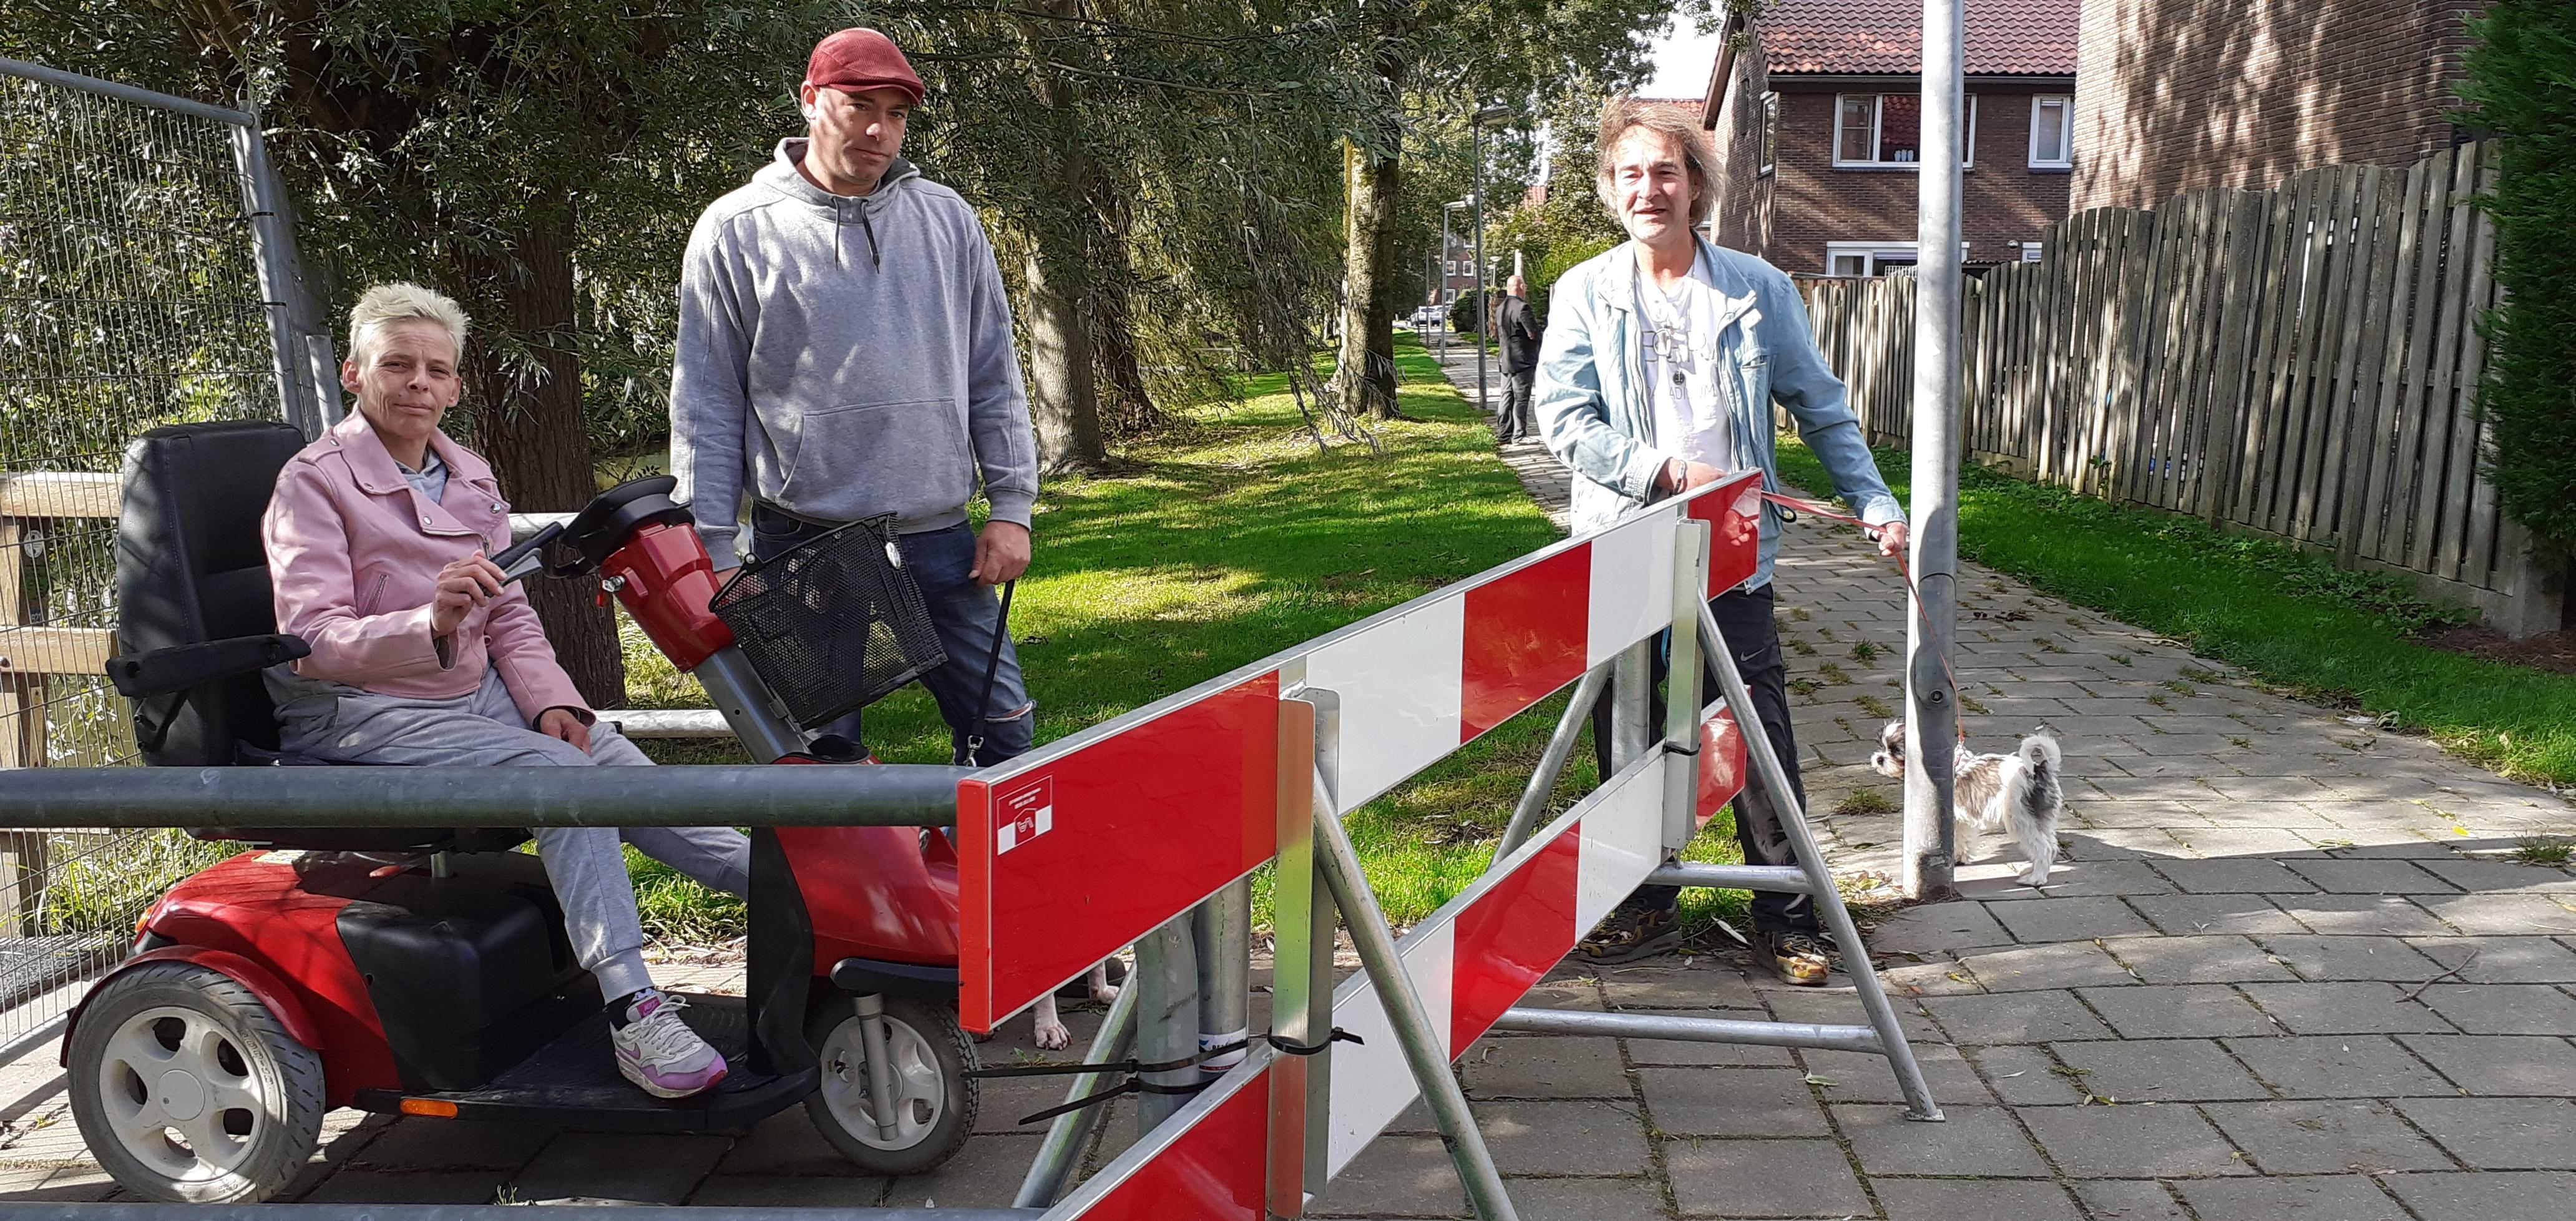 Buurt in Weesp Zuid baalt stevig van al half jaar afgesloten brugje Diepenbroickpark. 'Wie sluit er nu een verbinding af voor twee scheve planken?' Gemeente zoekt noodoplossing voor 'onveilige constructie'